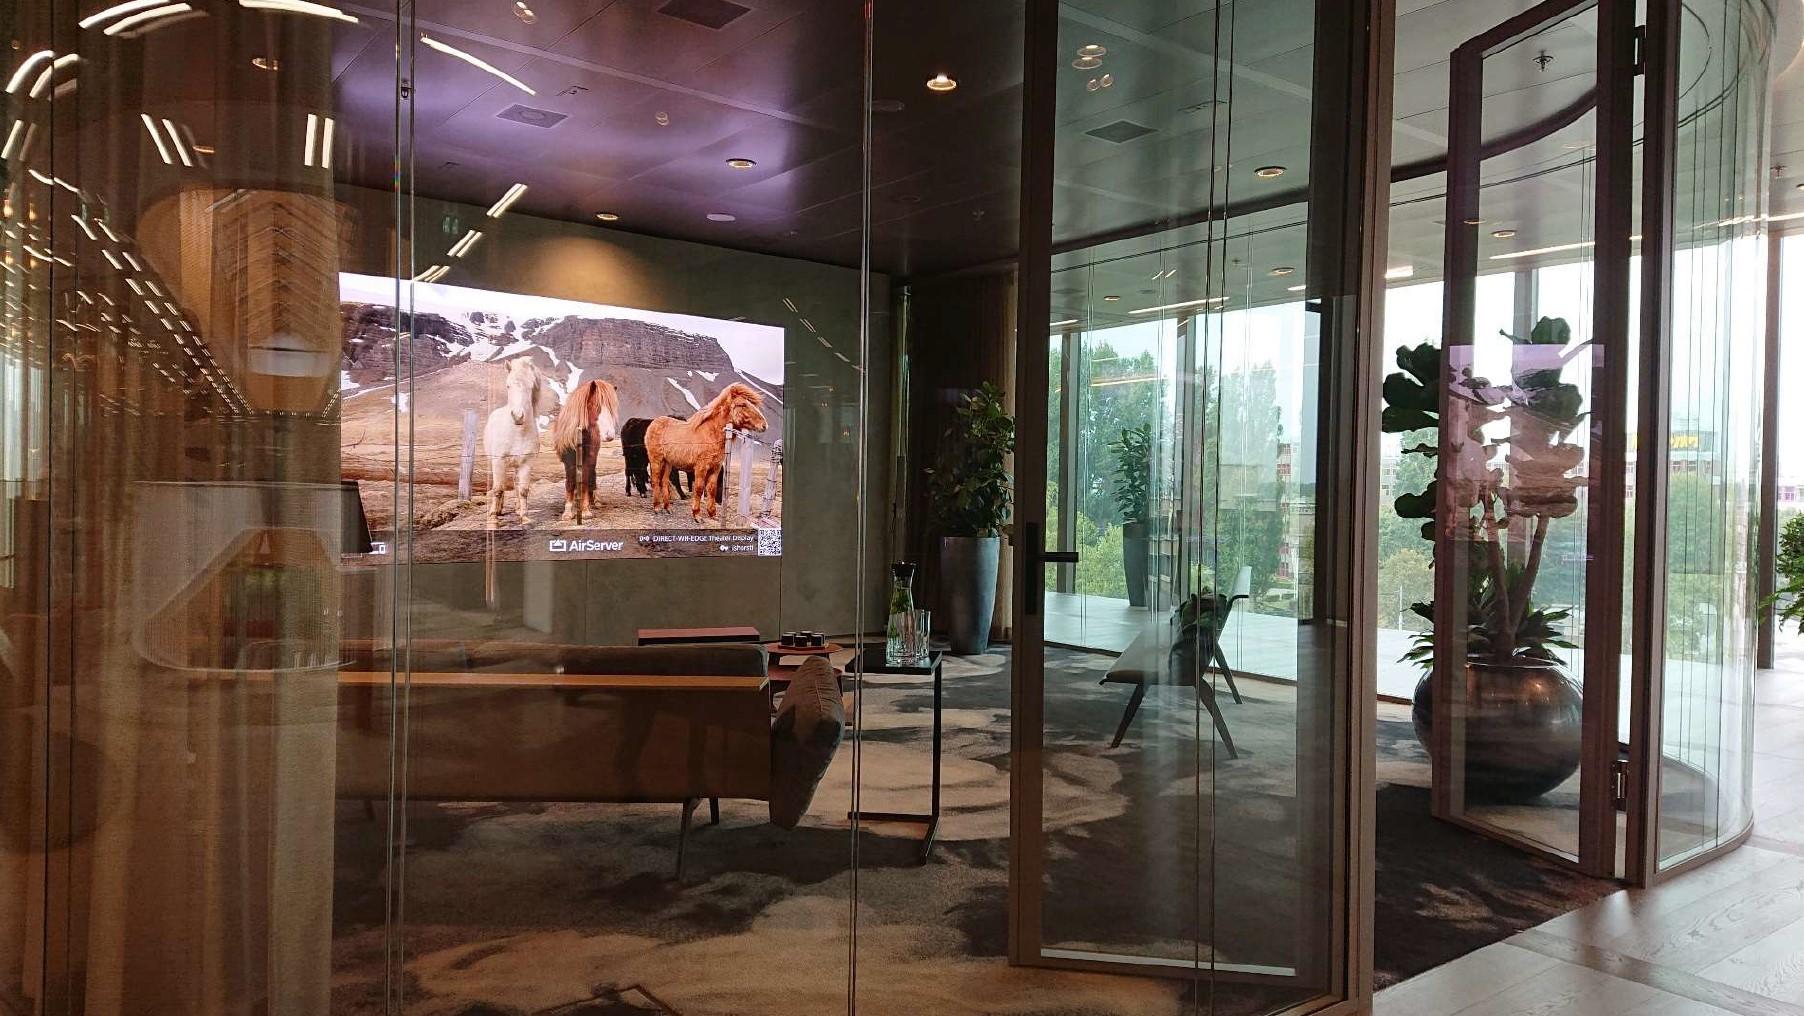 EDGE Technologies 选择索尼的黑彩晶高端拼接显示屏 将智能化视觉体验和生态建筑带入人们生活